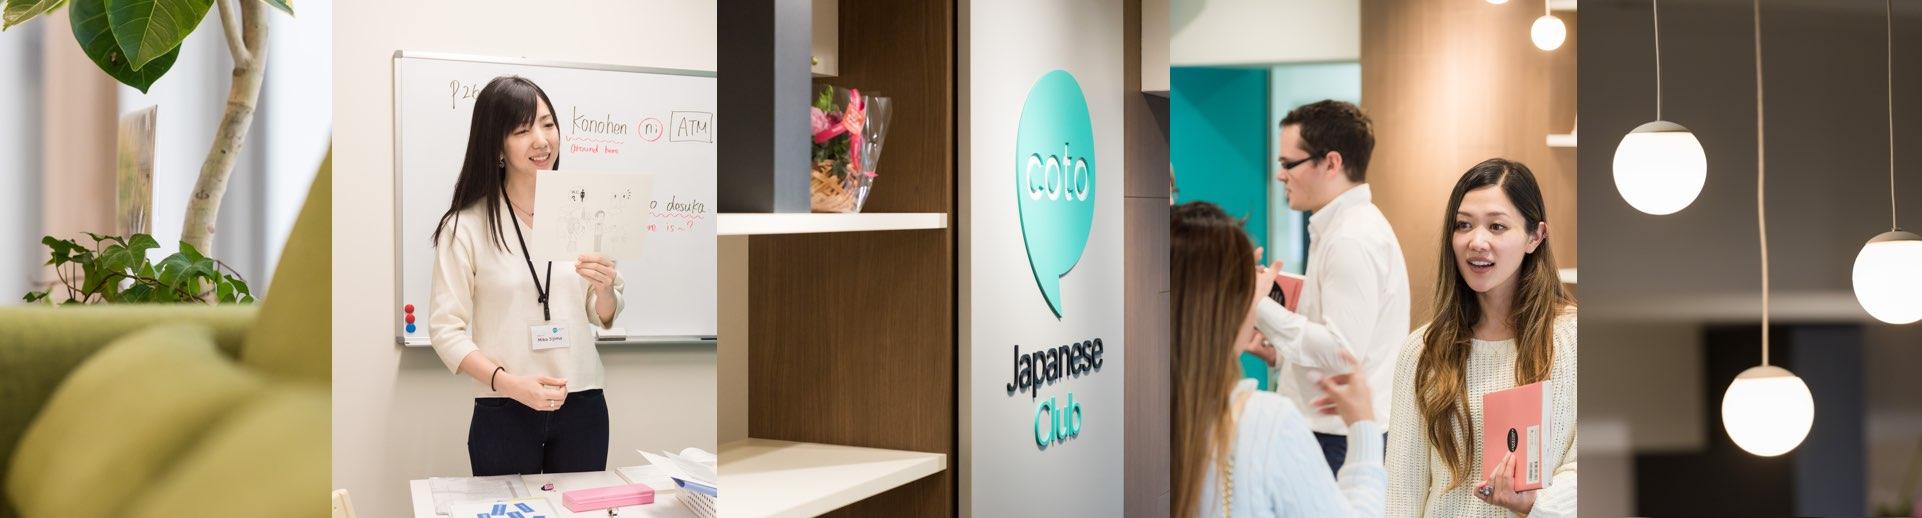 Coto Club Blog Coto Japanese Club